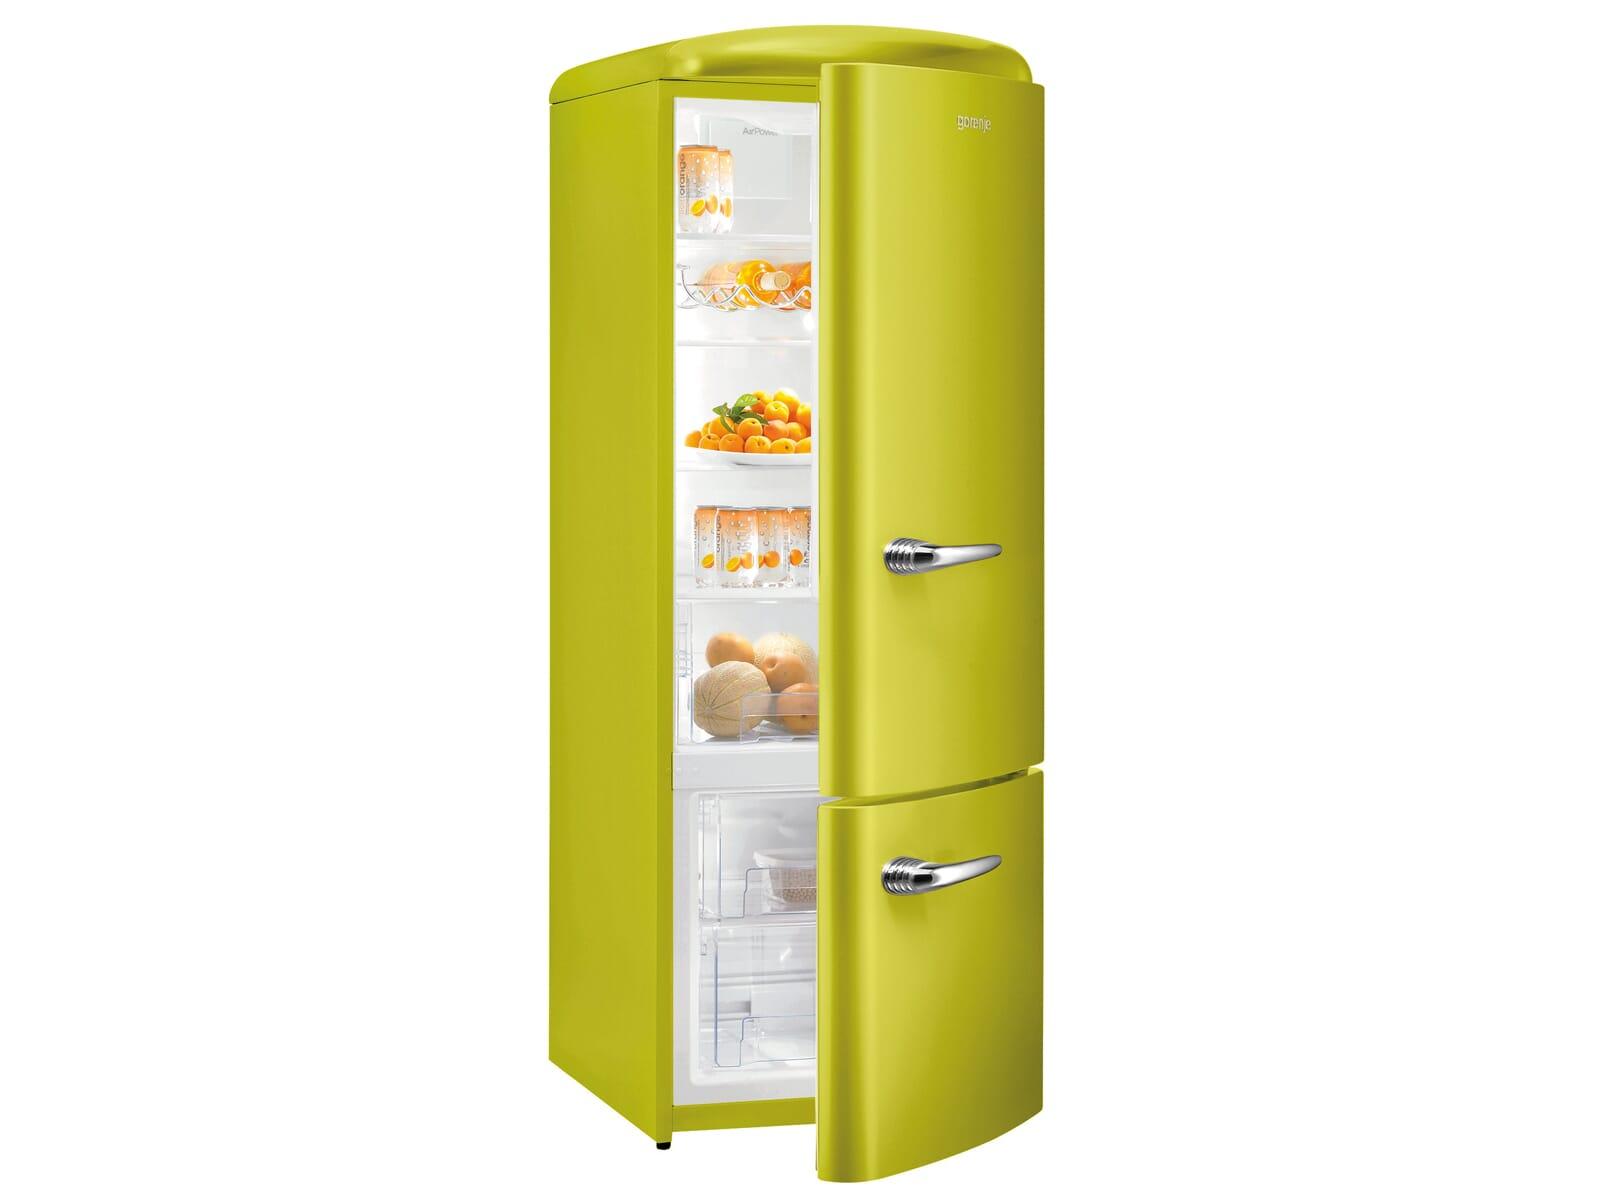 Gorenje Kühlschrank Modelle : Gorenje rk oap kühl gefrierkombination apple